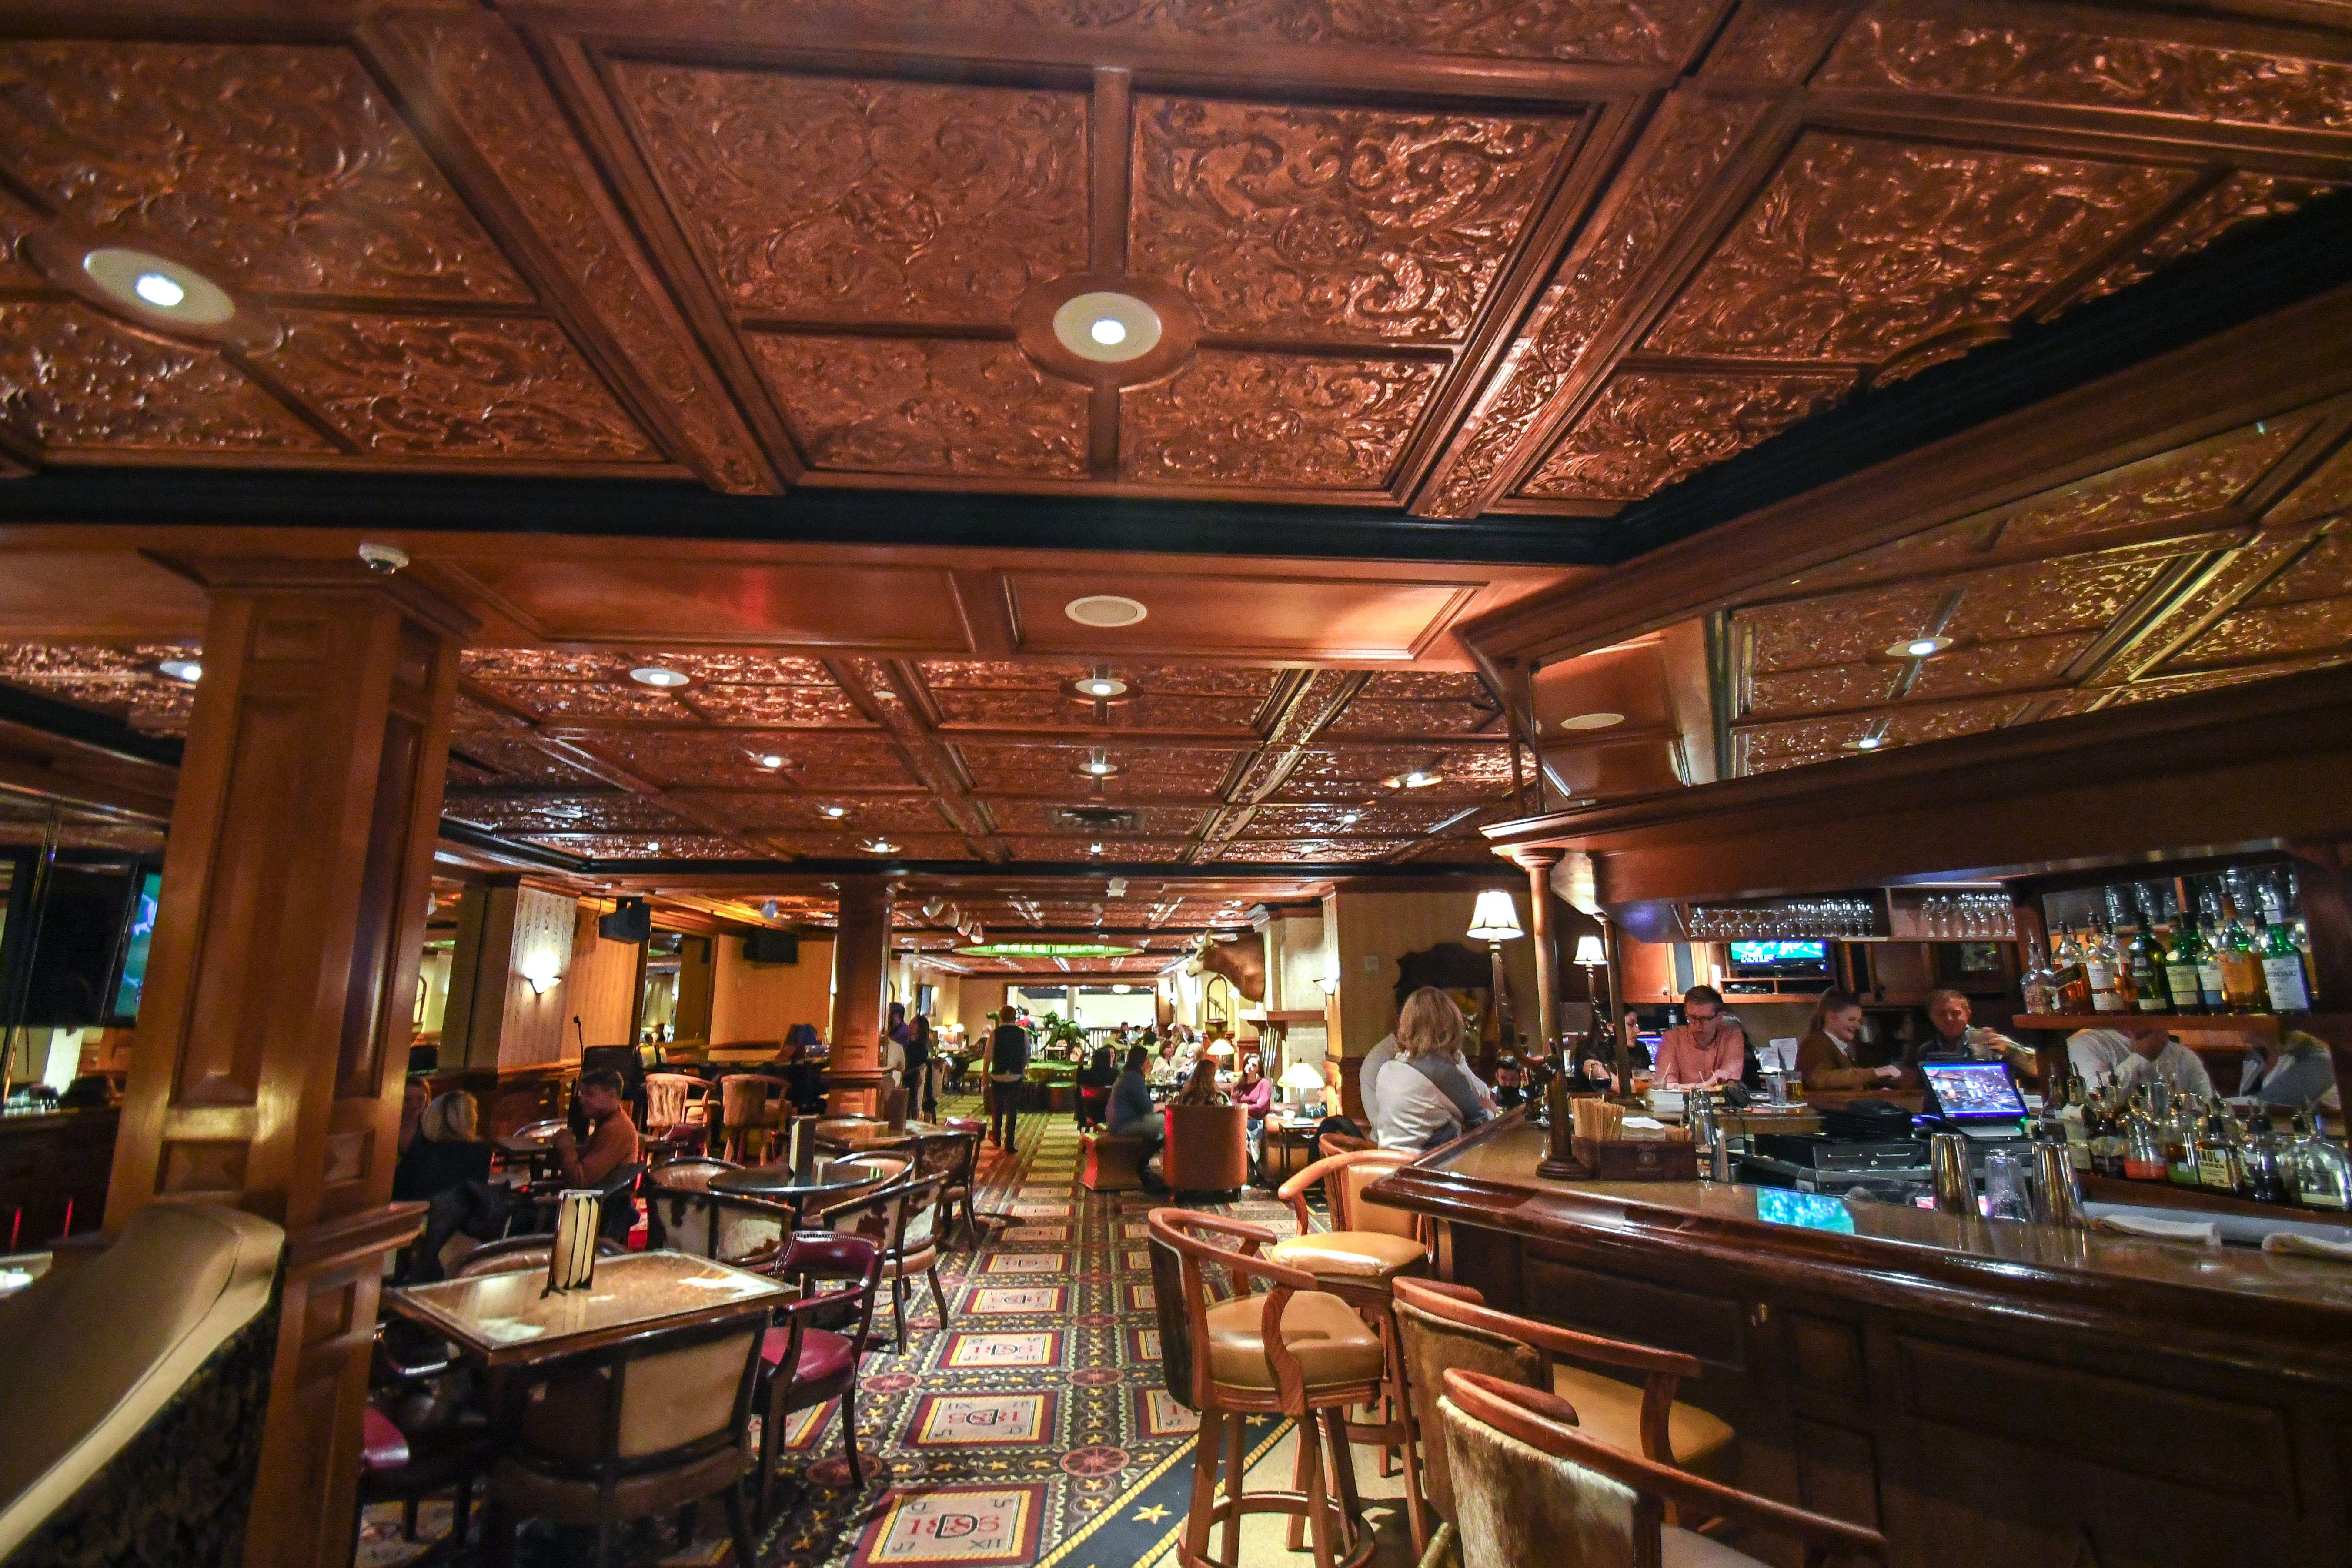 El interior del bar Driskill